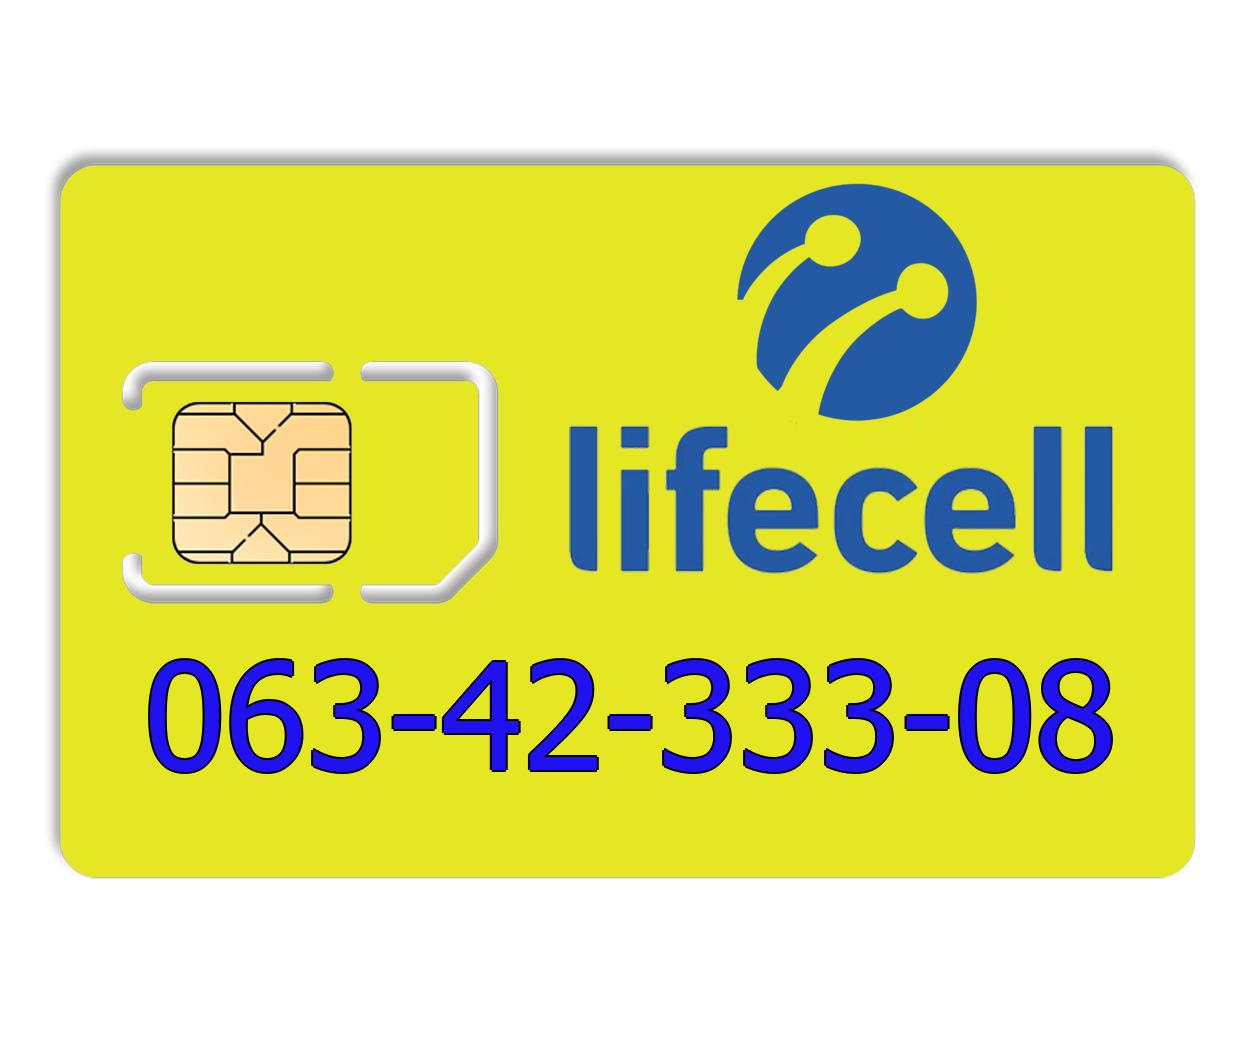 Красивый номер lifecell 063-42-333-08